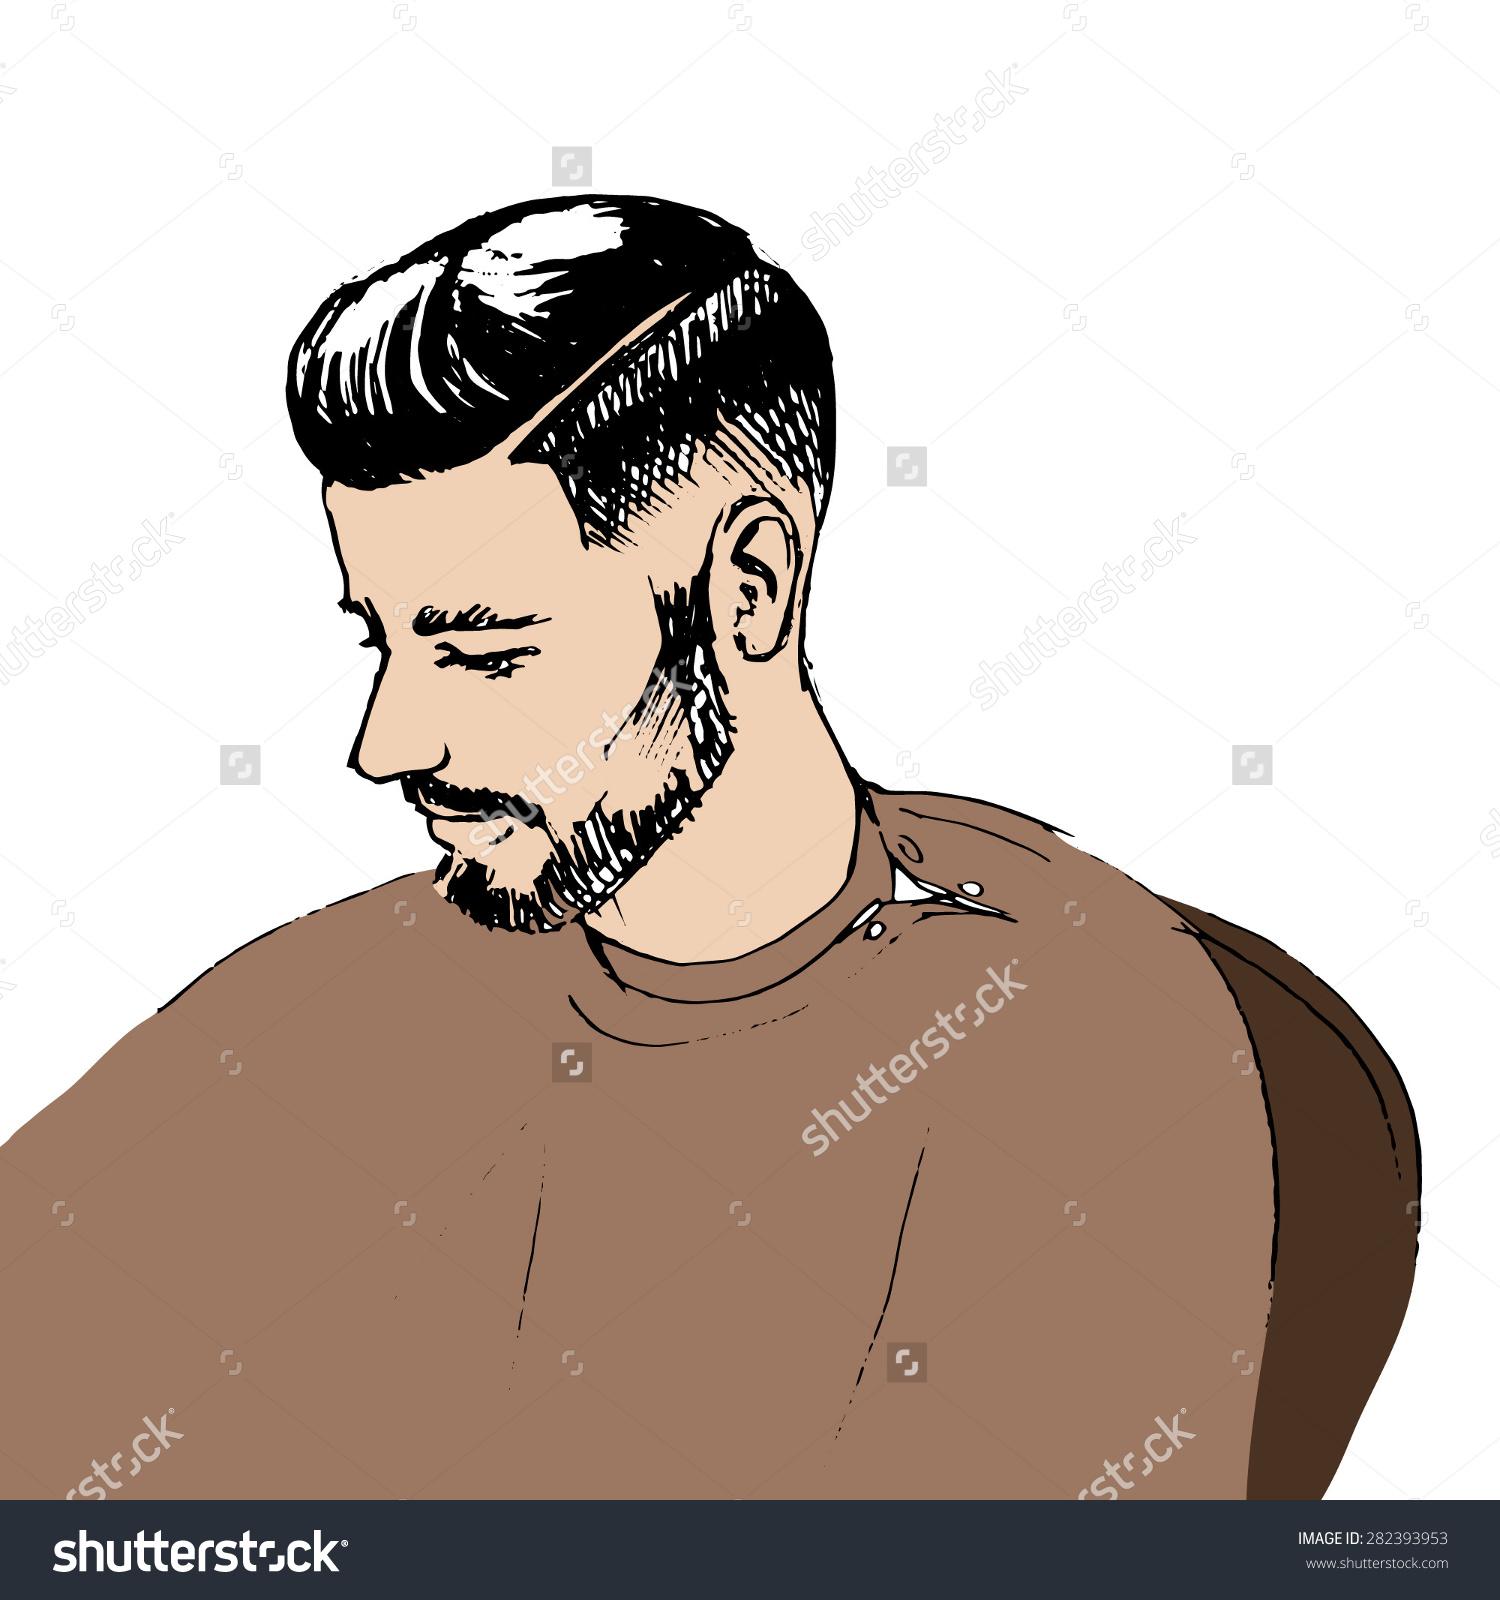 man hair stylist clipart - Clipground